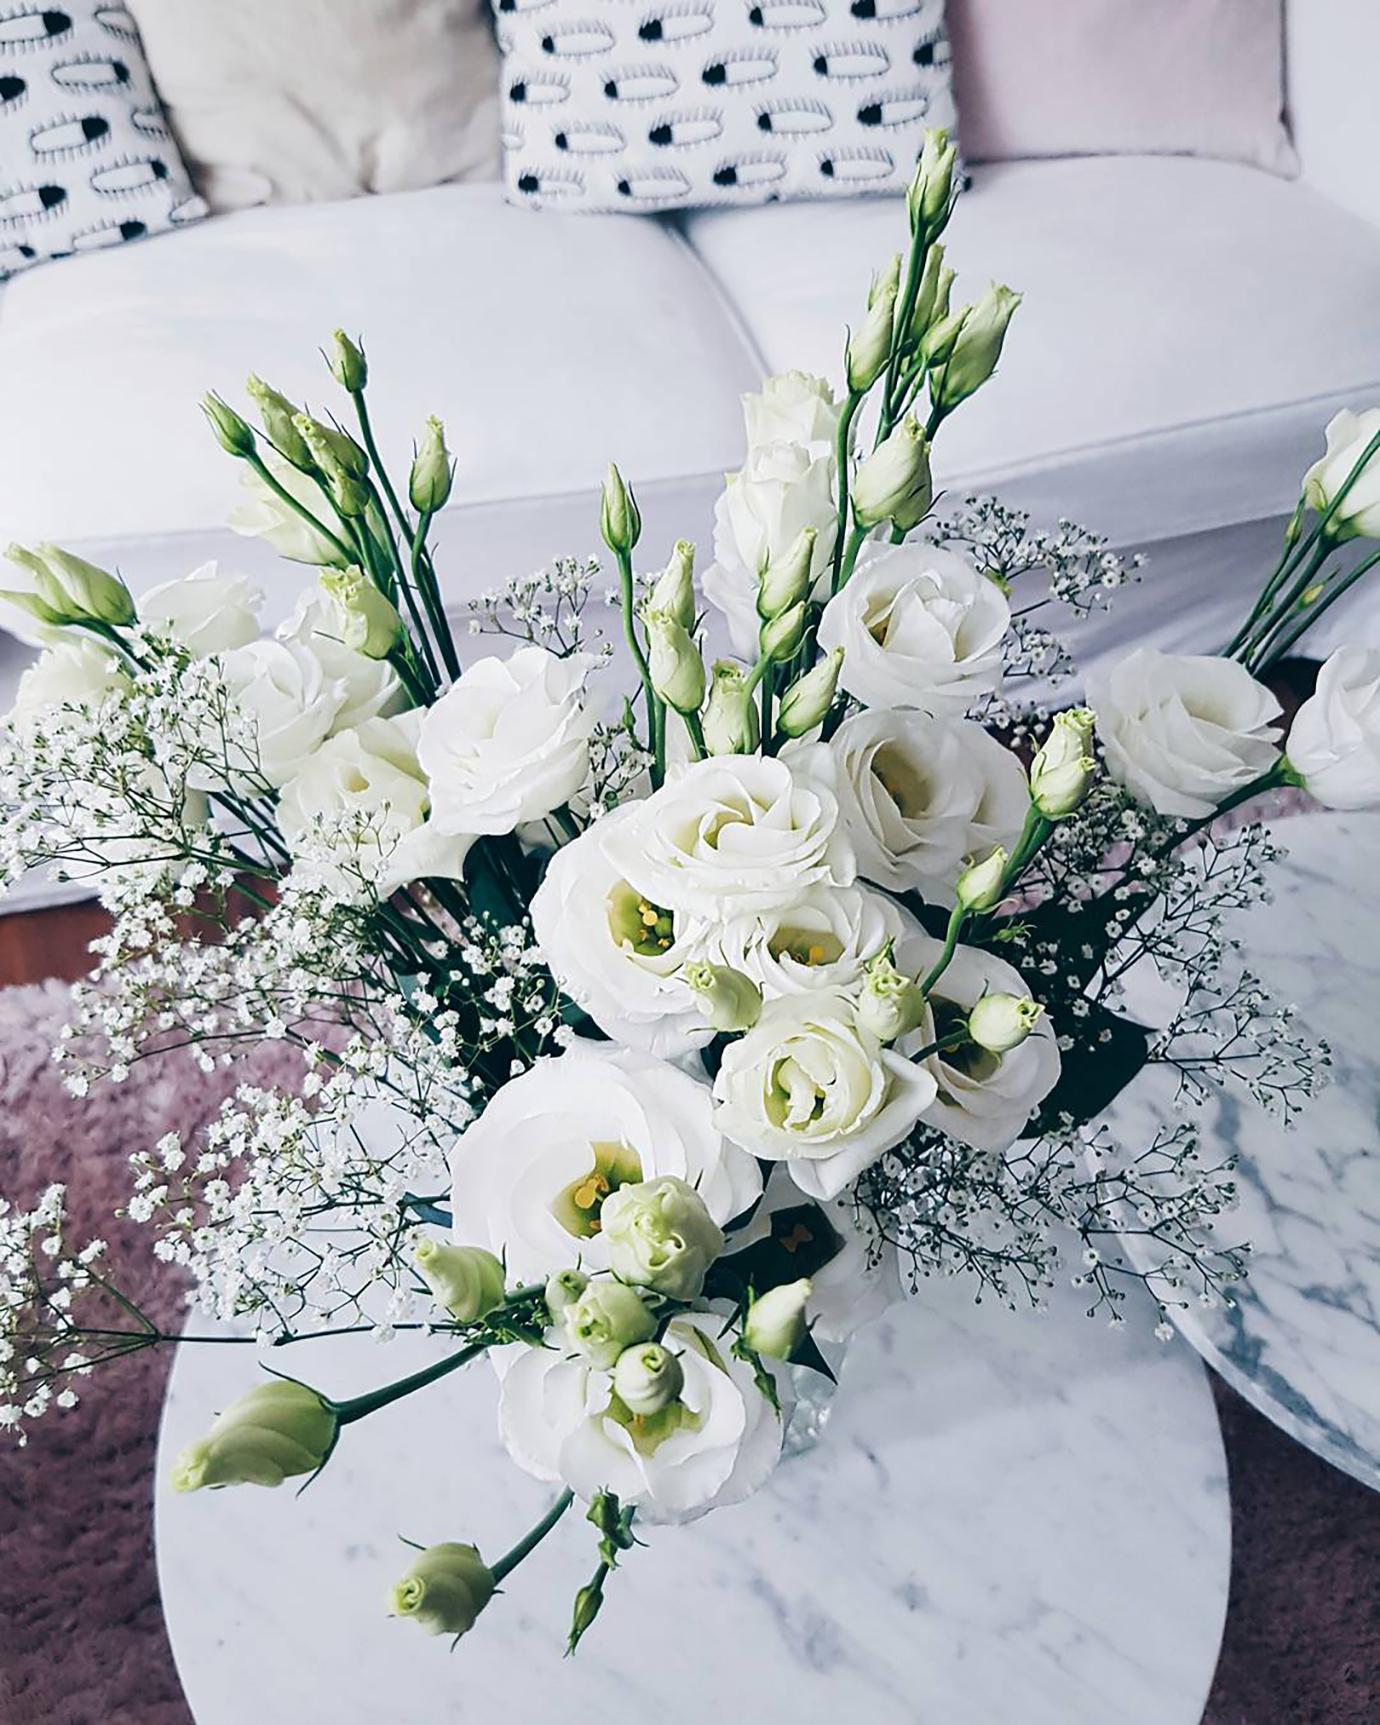 7things_42_flowers